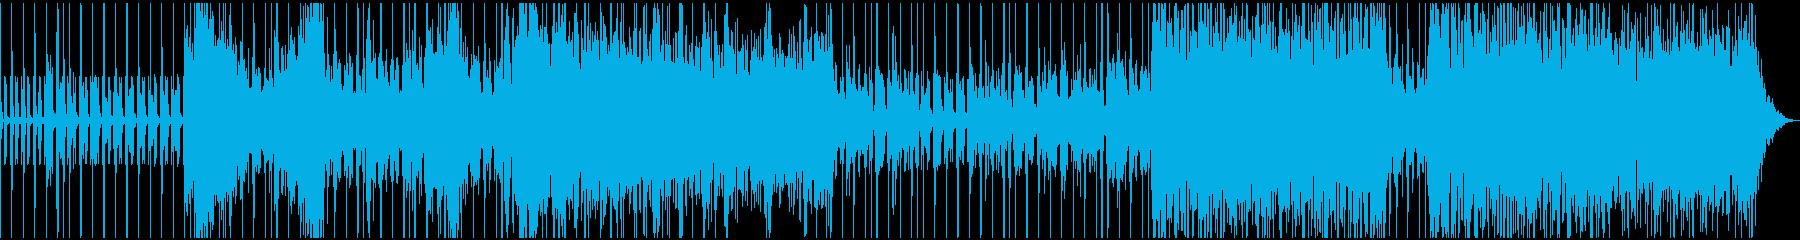 宇宙的なアンビエントテクノEDMの再生済みの波形